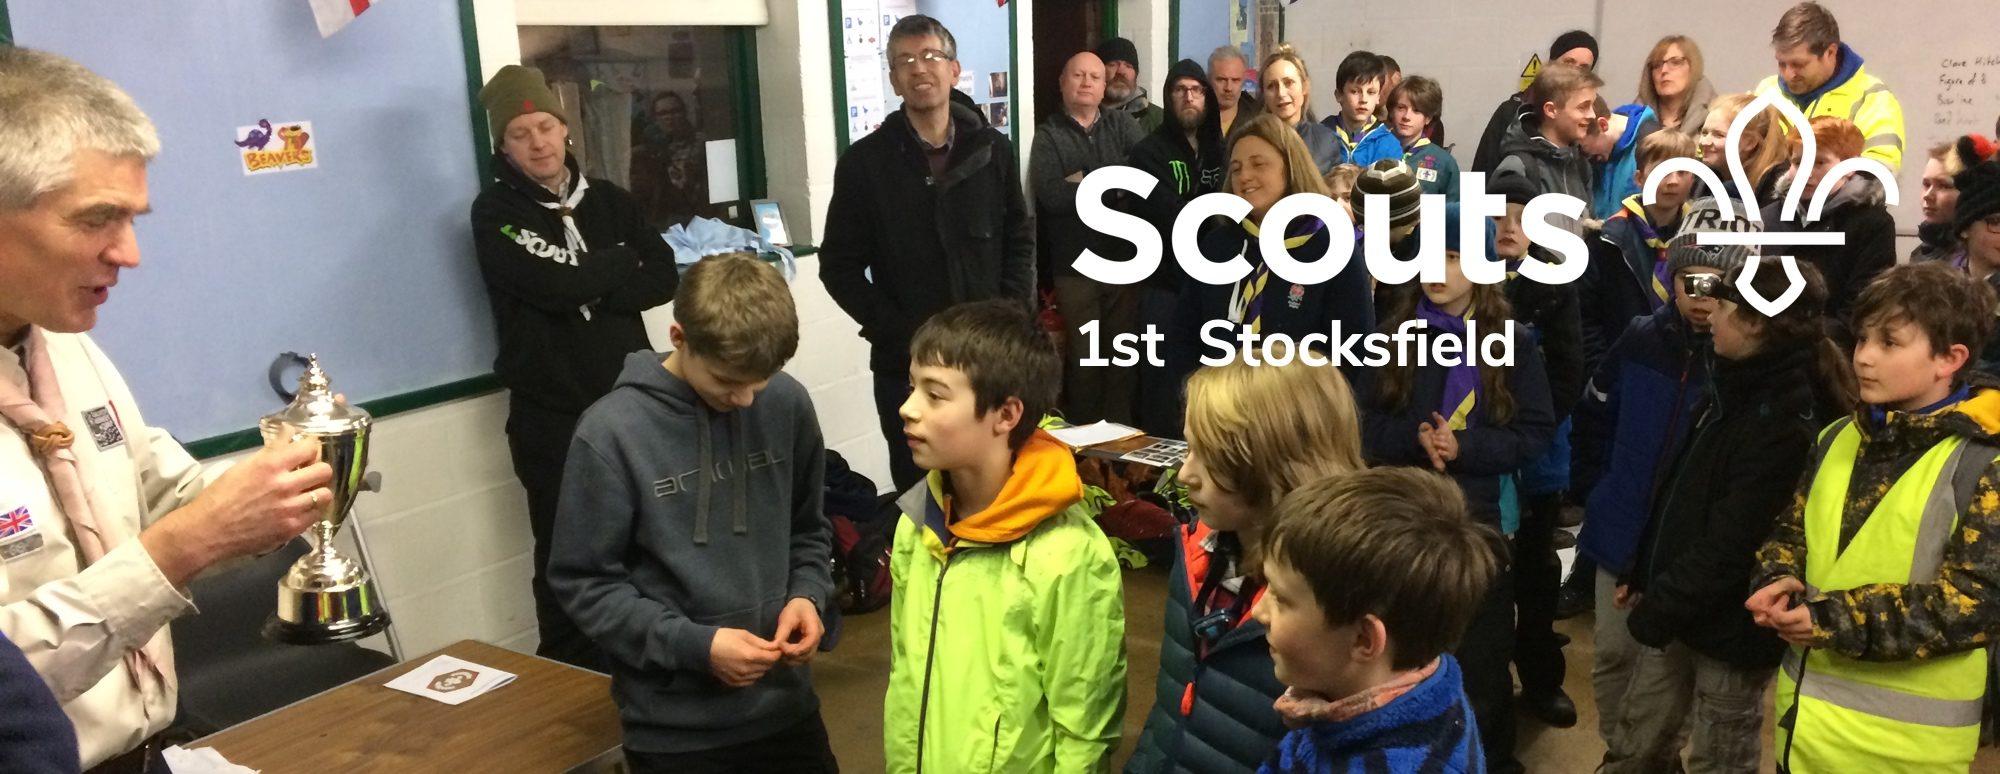 1st Stocksfield Scouts